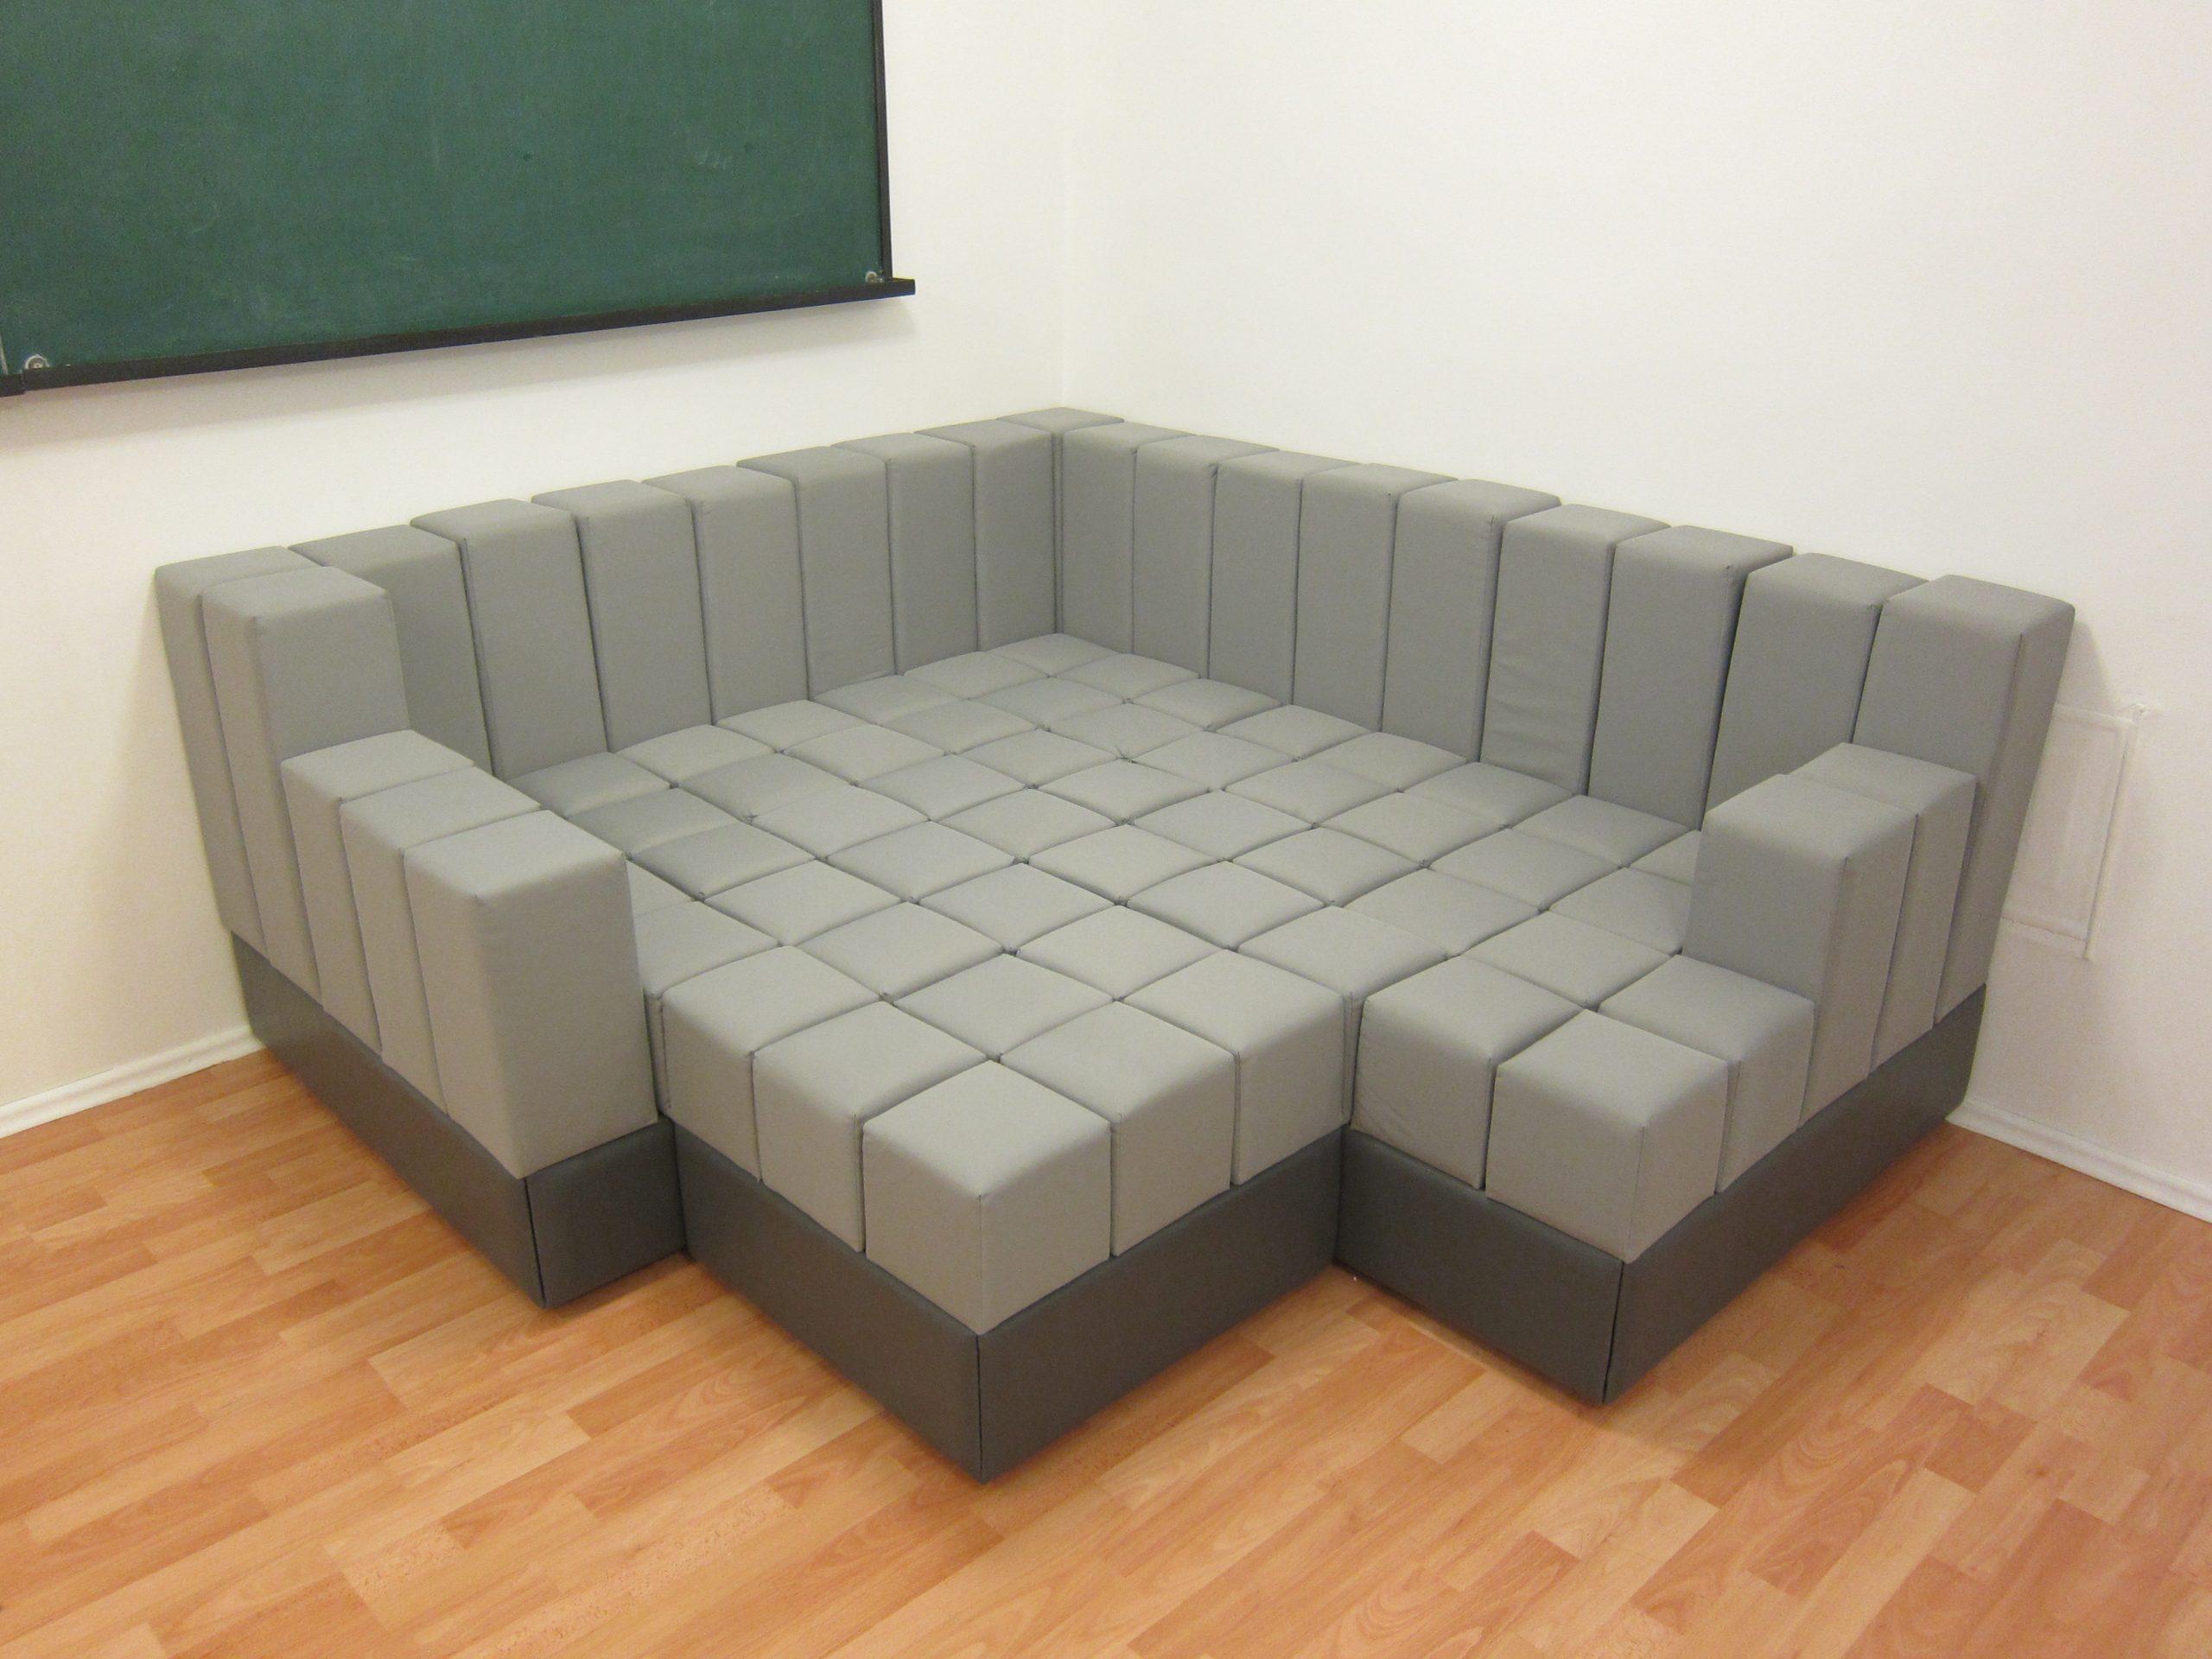 Full Size of Sofa Selber Bauen Cube Couch Selbstbau Only Some Fenster Rolladen Nachträglich Einbauen Altes Mega Lounge Garten Neu Beziehen Lassen Echtleder Bett 140x200 Wohnzimmer Sofa Selber Bauen